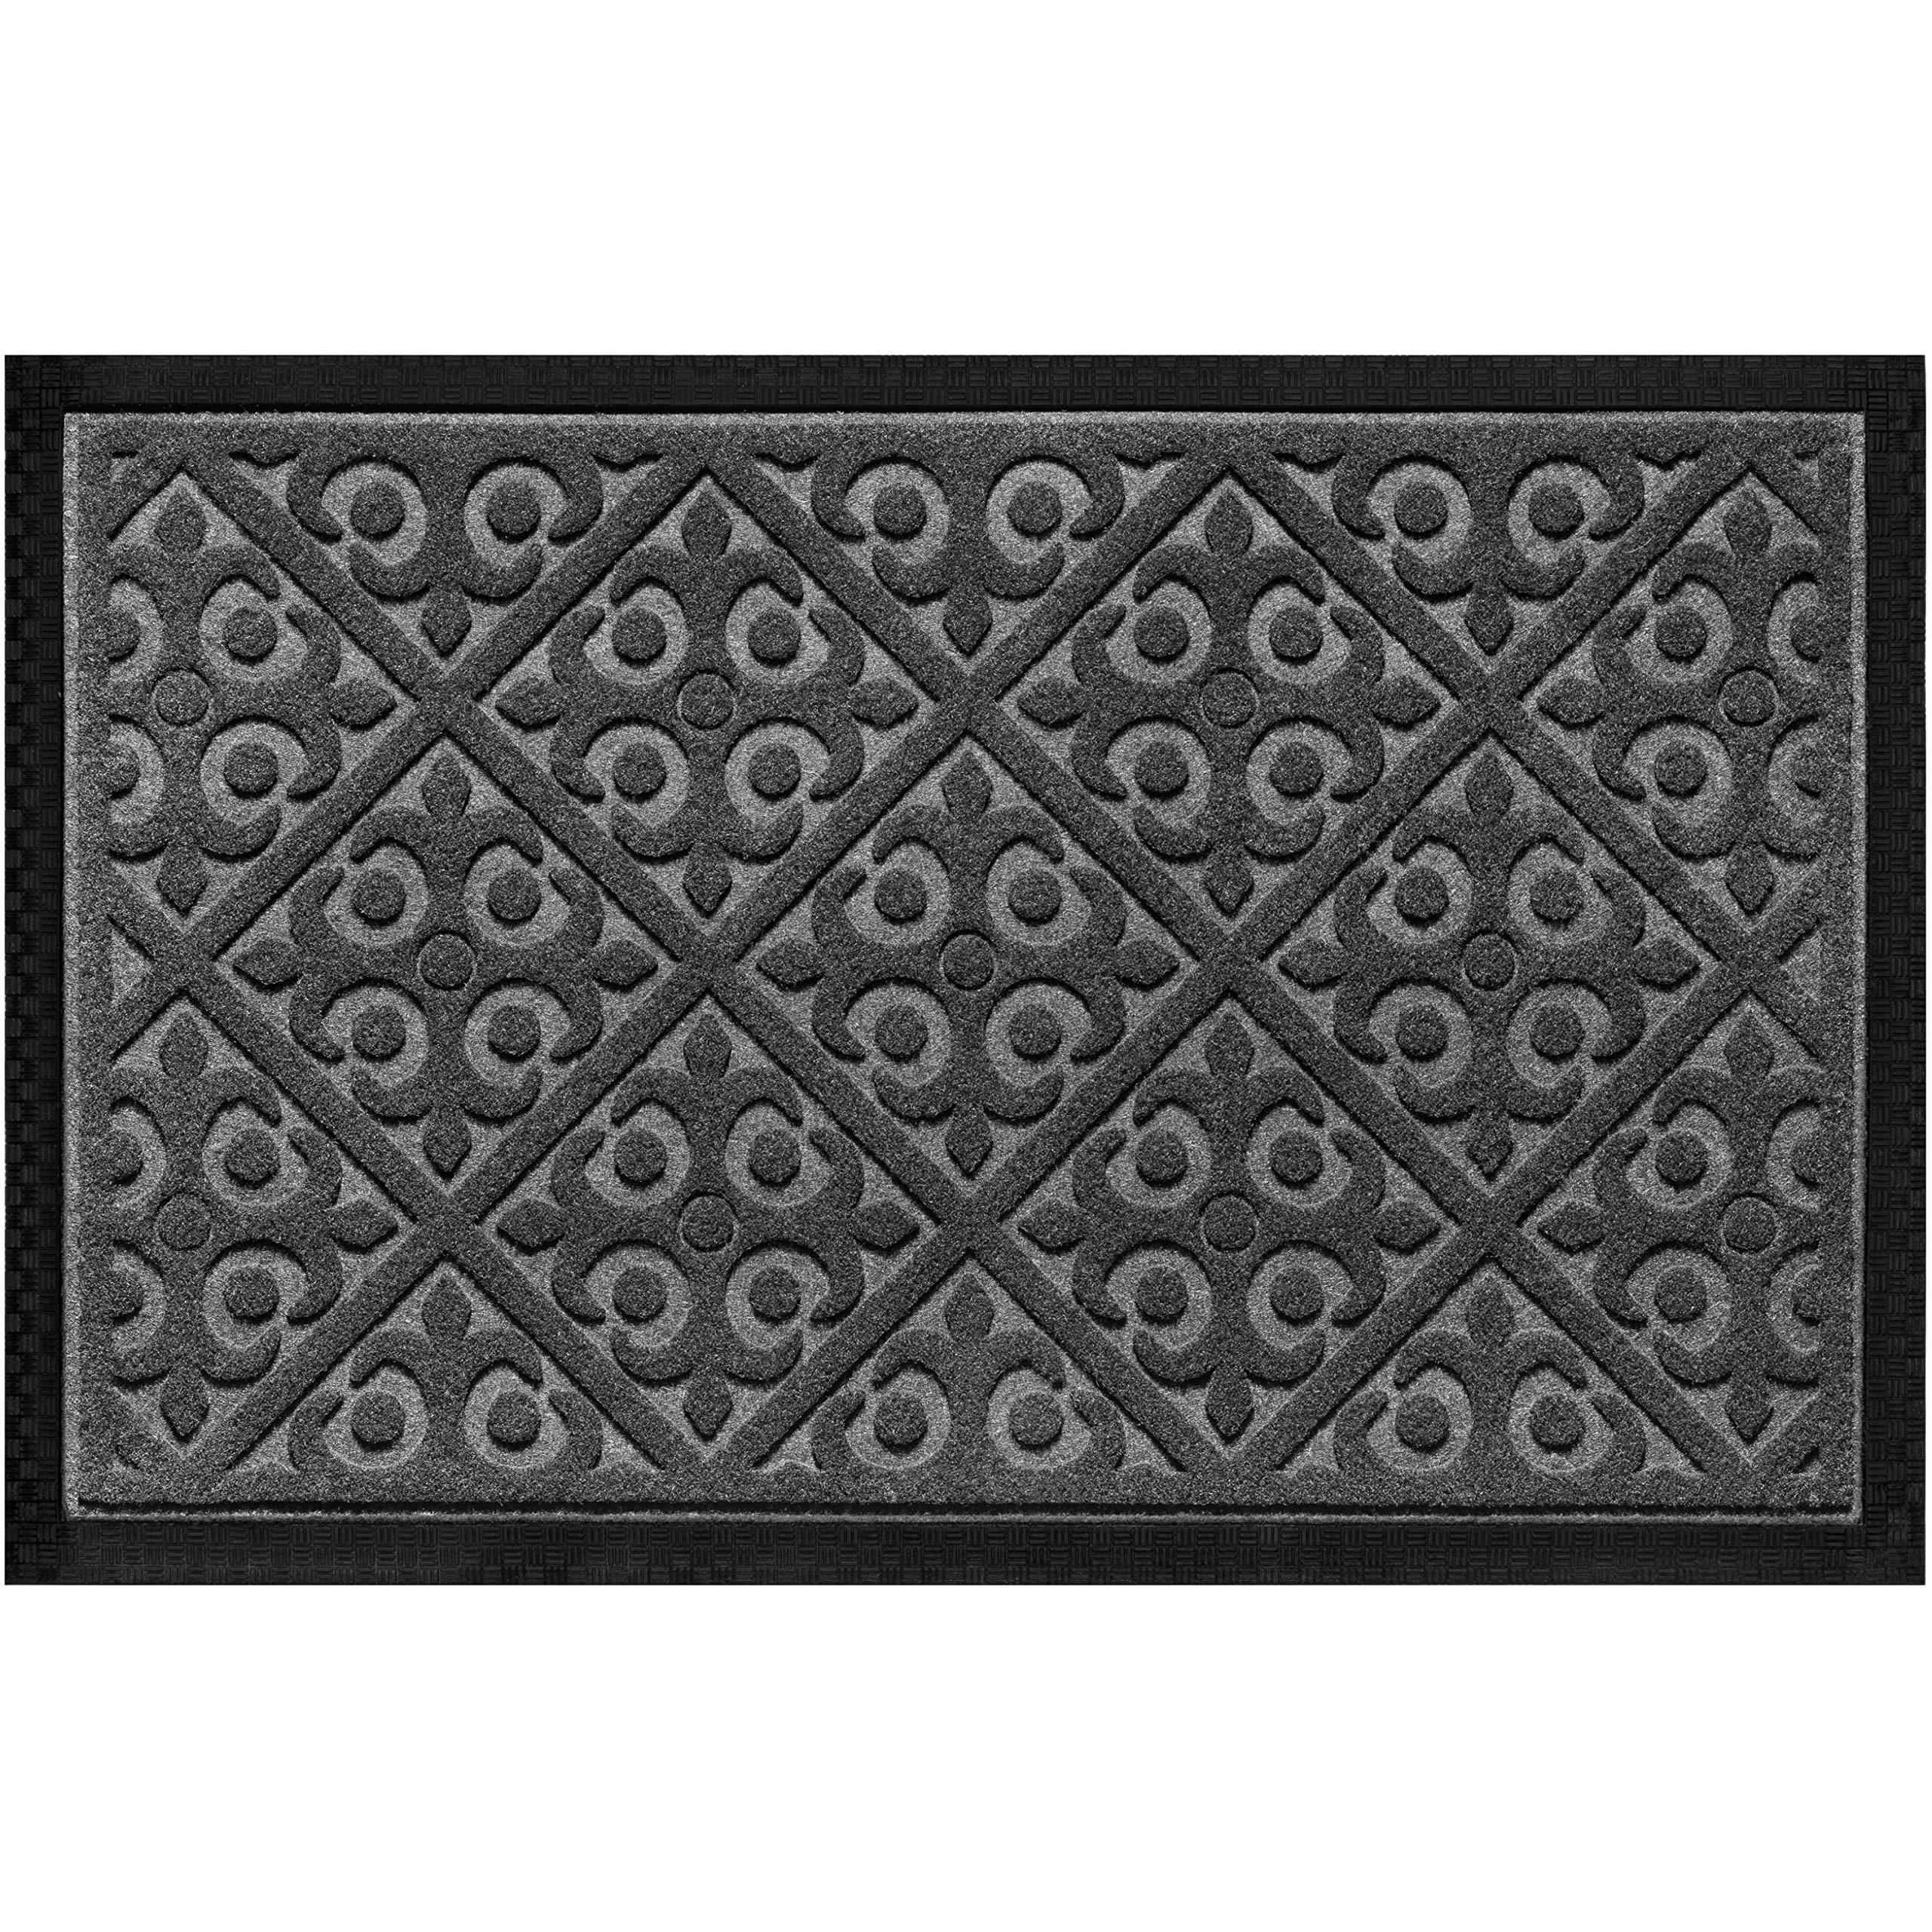 Amazon Com Door Mat Indoor Outdoor Ideal Welcome Mat Or Front Door Mats Entry Rug For Inside Outside Non Slip Slim Profile Doormat Traps Dirt Patio Grass Snow